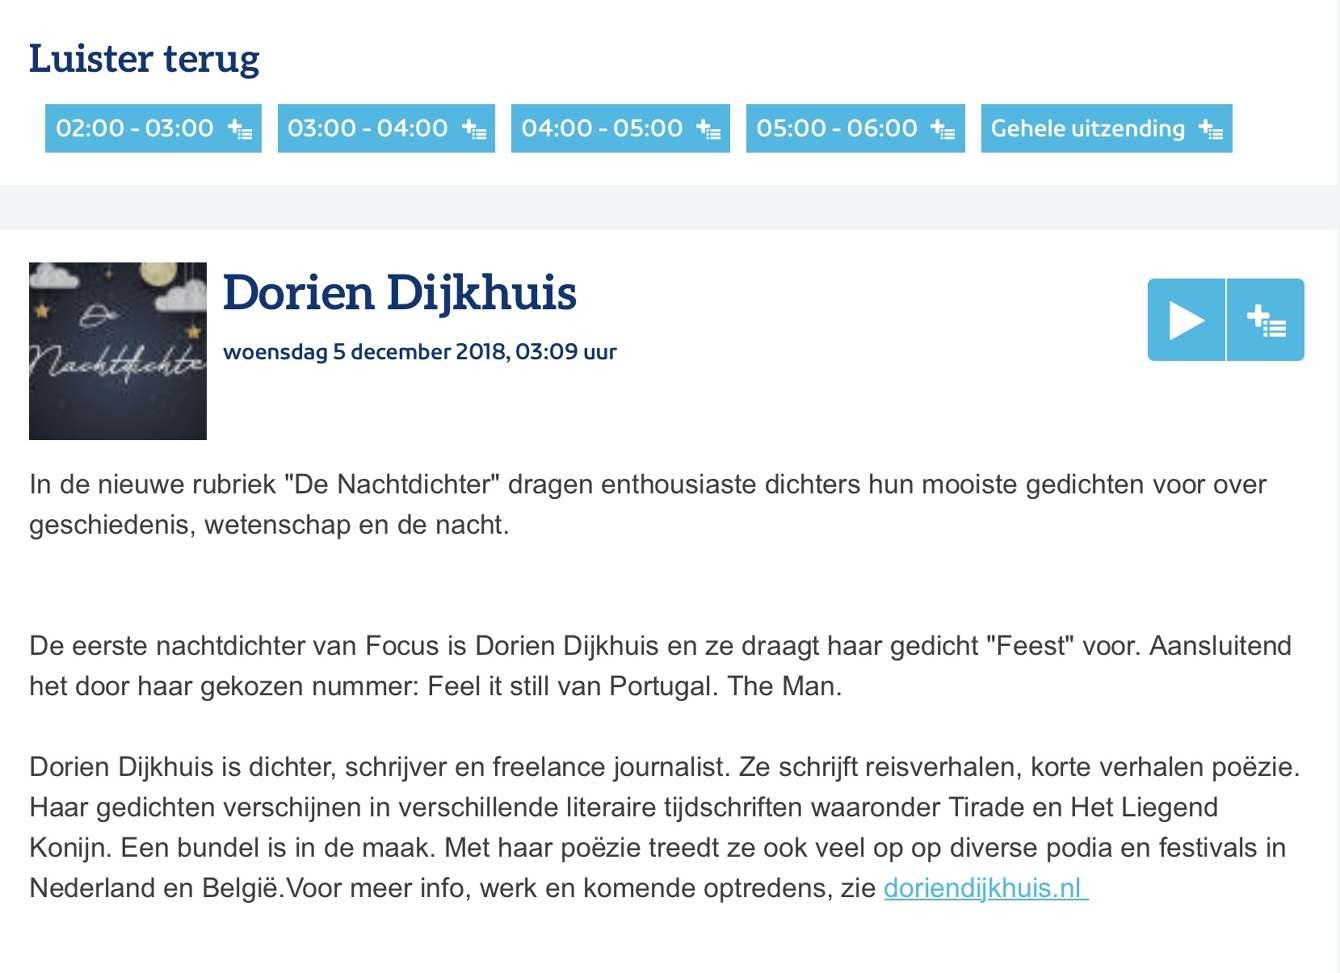 Npo Radio 1 Dorien Dijkhuis